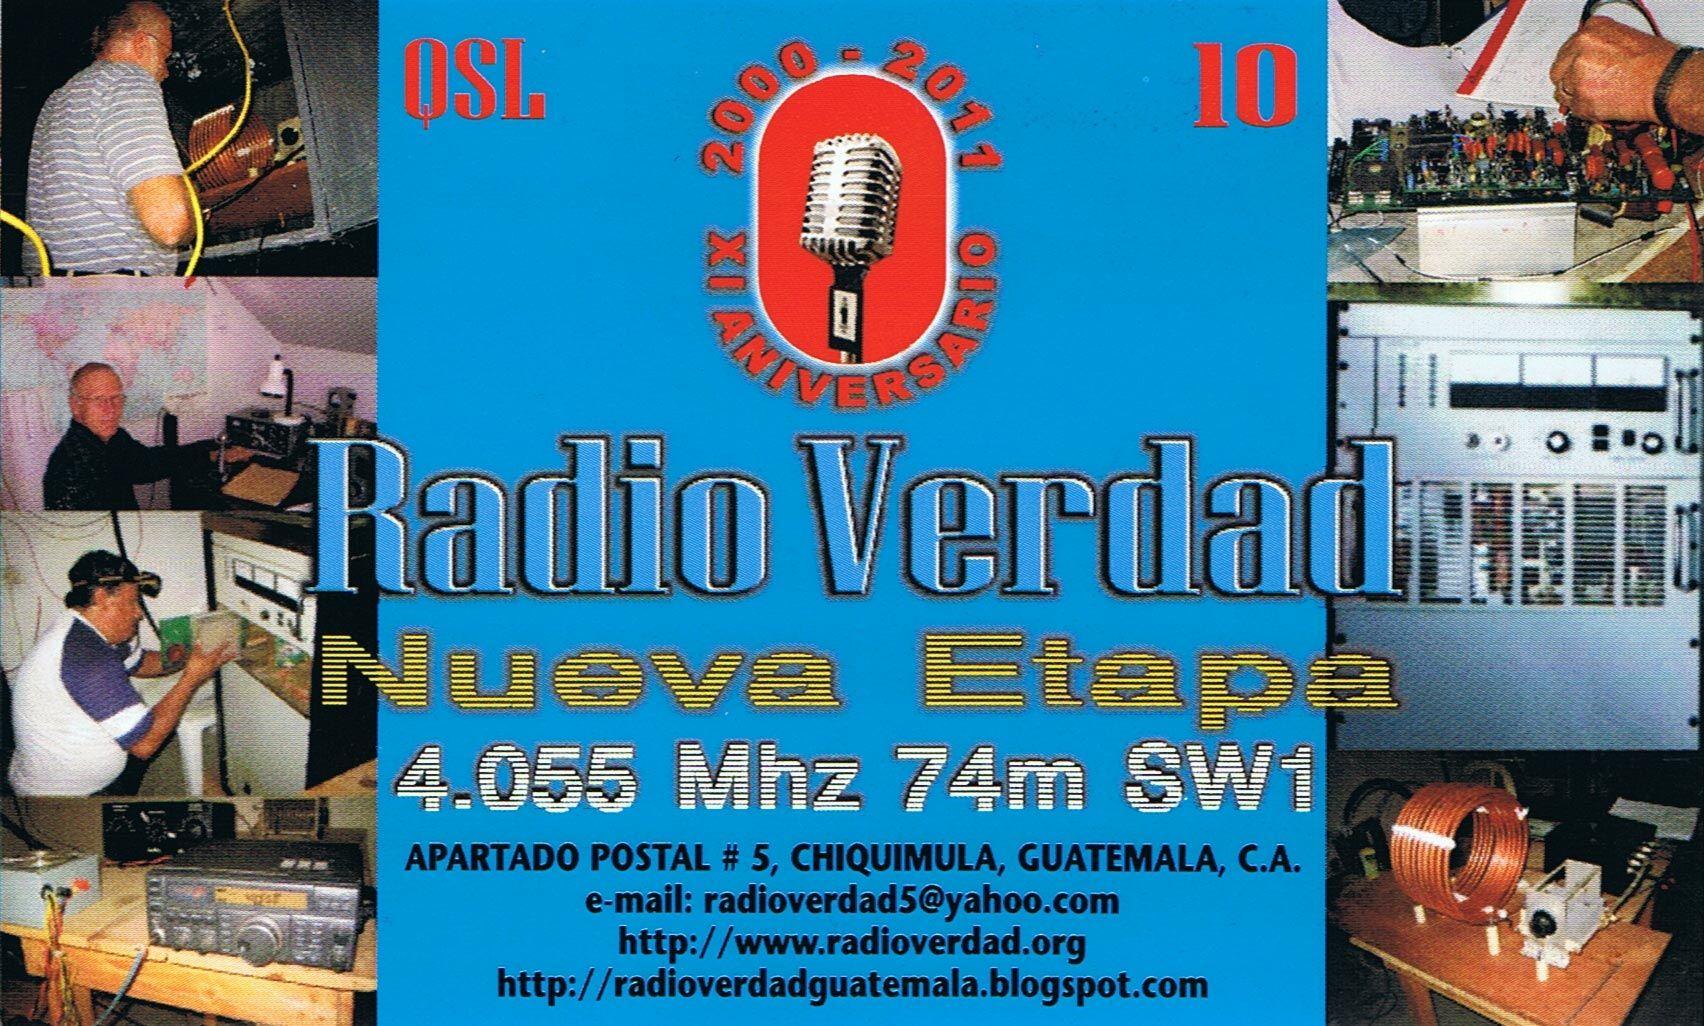 Según palabras de Édgar Amílcar Madrid Morales la celebración del 15º Aniversario de Radio Verdad, se llevará a cabo el día sábado 28 de febrero , comenzando a las 5 de la tarde, o sea 23 horas UTC...